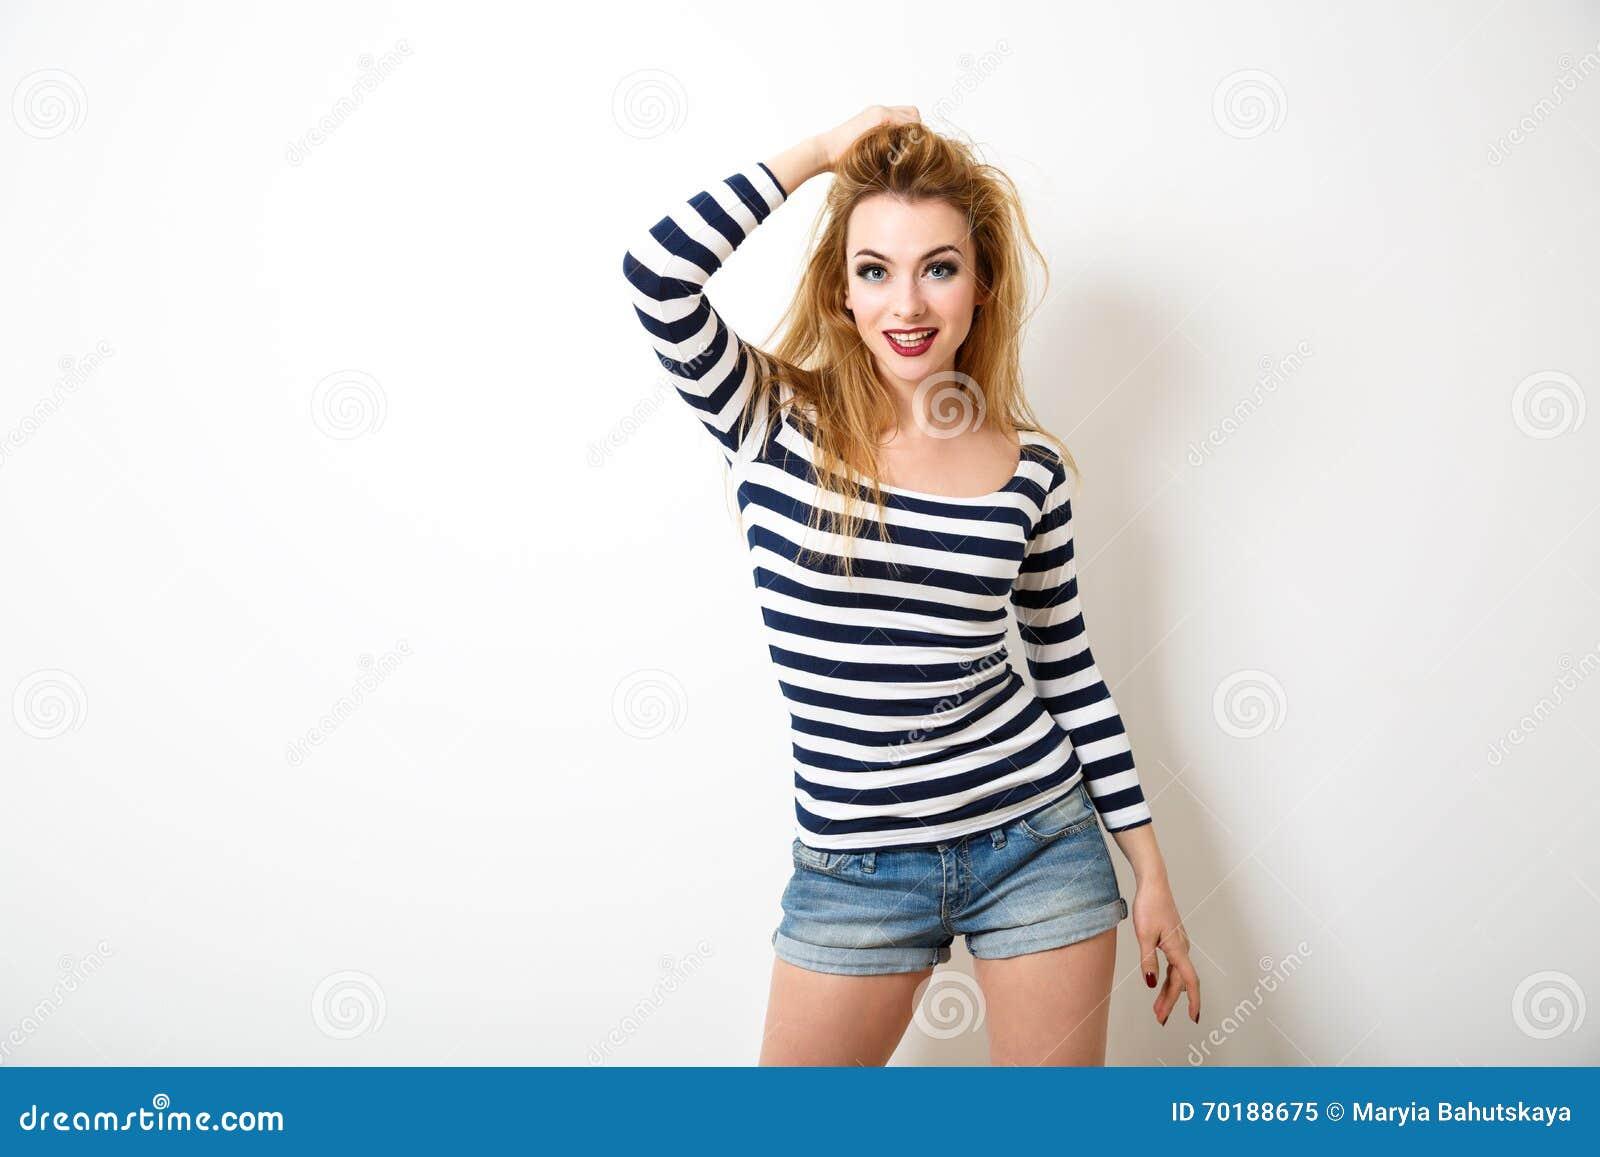 74d9611cdd618c Het gelukkige het Meisje van Hipster van de Straatstijl Stellen op Witte  Achtergrond Grappige Vrouw met Slordig Kapsel Geïsoleerde niet Foto met  Schaduw In ...